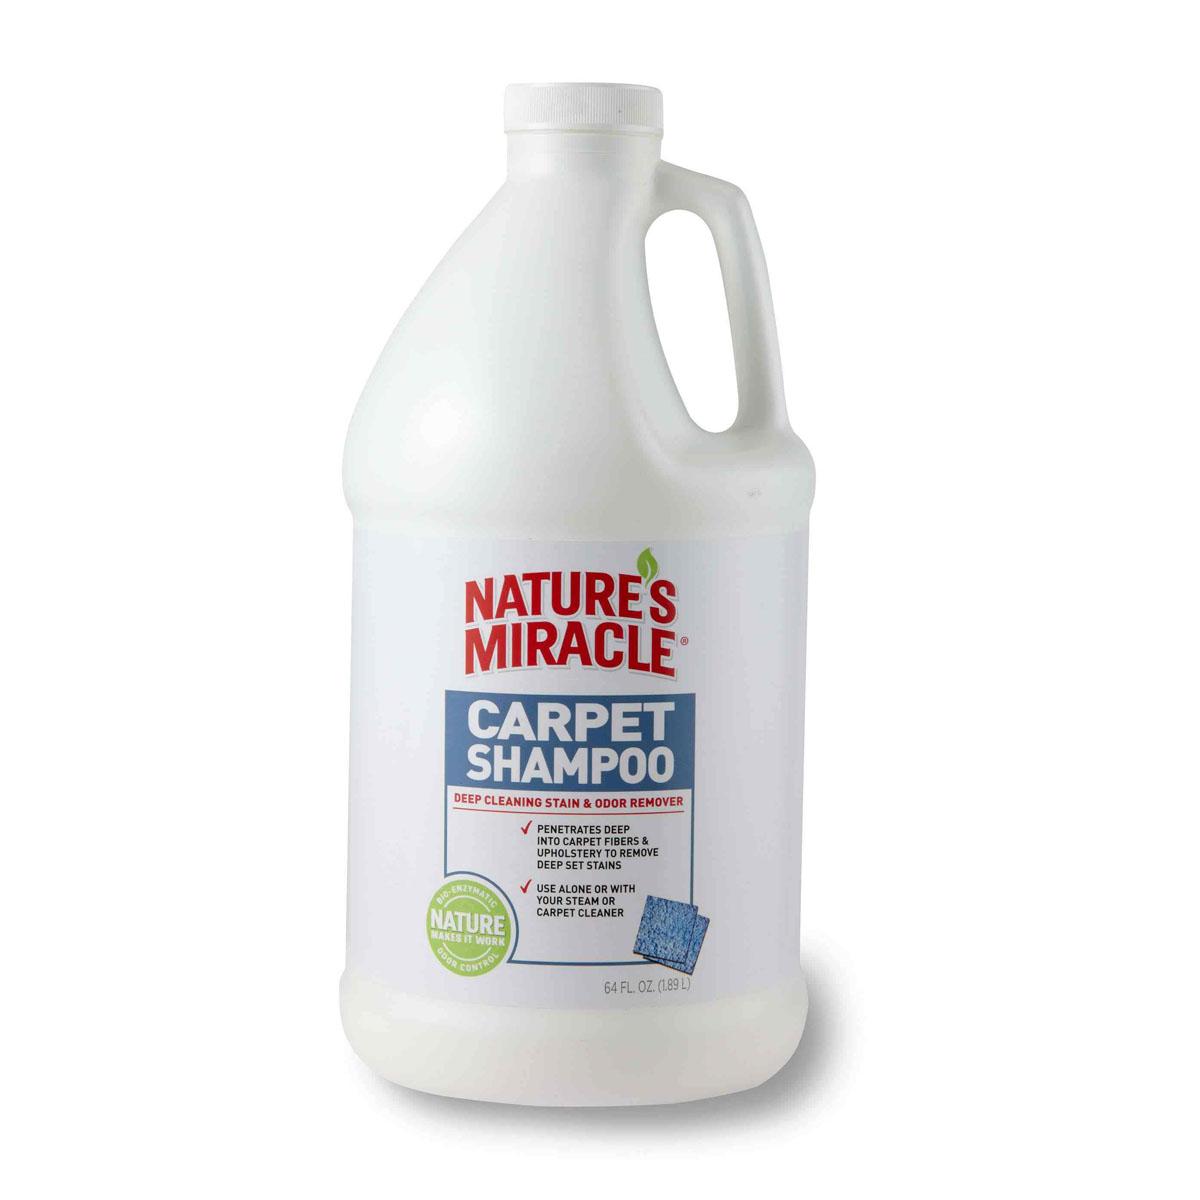 Моющее средство для ковров и мягкой мебели 8 in 1 Natures Miracle, с нейтрализаторами аллергенов, 1,8 лMP-2010Моющее средство для ковров и мягкой мебели 8 in 1 Natures Miracle - оптимальное решение для тех, кто хочет эффективно удалить с ковра пятна и запахи, оставленные животными. Средство можно использовать самостоятельно или вместе с пылесосом, оно глубоко проникает в ворс ковра, вытаскивая на поверхность новые и застарелые пятна, запахи и аллергены. Наша бесфосфатная формула с низким уровнем пенообразования удаляет все загрязнения и освежает ковры. Моющее средство для ковров может использоваться для удаления с ковров пятен и запахов, оставленных собаками, кошками и другими животными. Внимание! Перед применением необходимо протестировать поверхность на цветоустойчивость. Способ применения: тщательно пропылесосить поверхность. Хорошо встряхните бутылку. Используйтемоющее средство для ковров и мягкой мебели в соответствии с инструкциями на пылесосе илипароочистителе. Не рекомендуется использовать моющее средство для очистки вельветовой, шелковой,виниловой, кожаной или 100% хлопчатобумажной обивки.Можно разбрызгивать из пульверизатора. Состав: вода, ПАВ с низким уровнем пенообразования, биоэнзимная технология нейтрализации запахов, пропилен гликоль, ароматизатор. Товар сертифицирован.